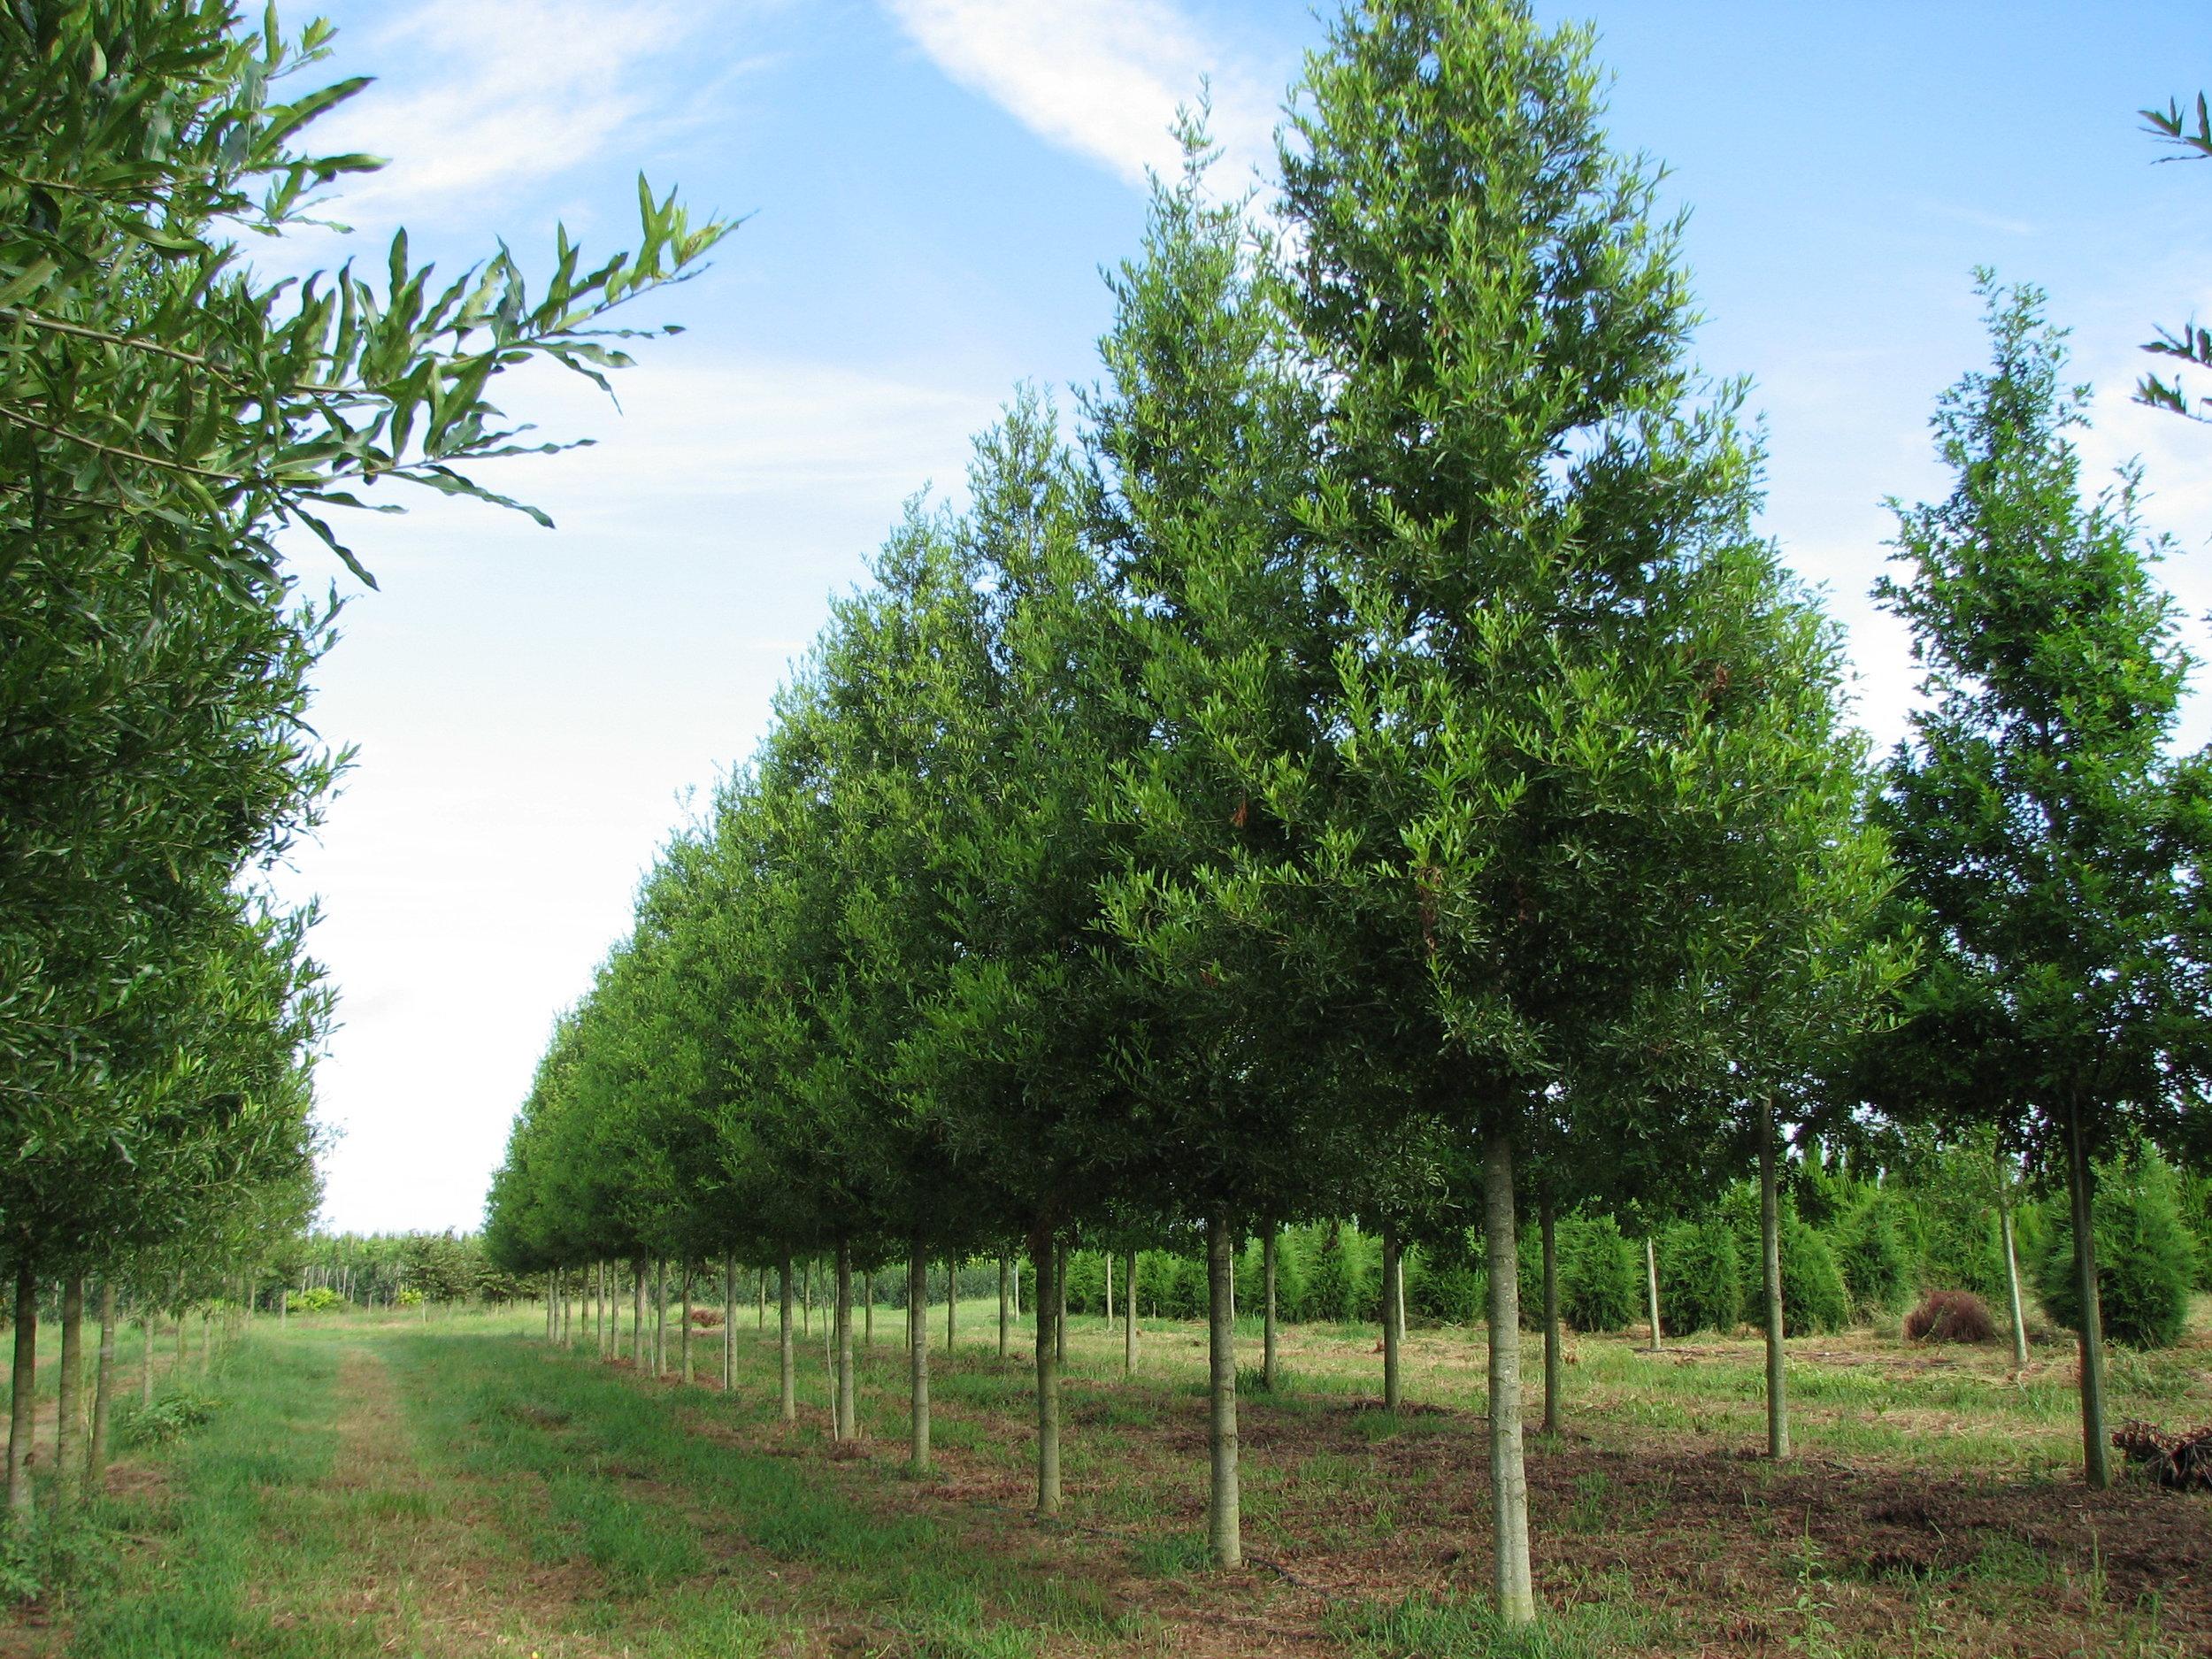 Kingpin-Willow-Oak-Quercus-phellos-row-2.jpg